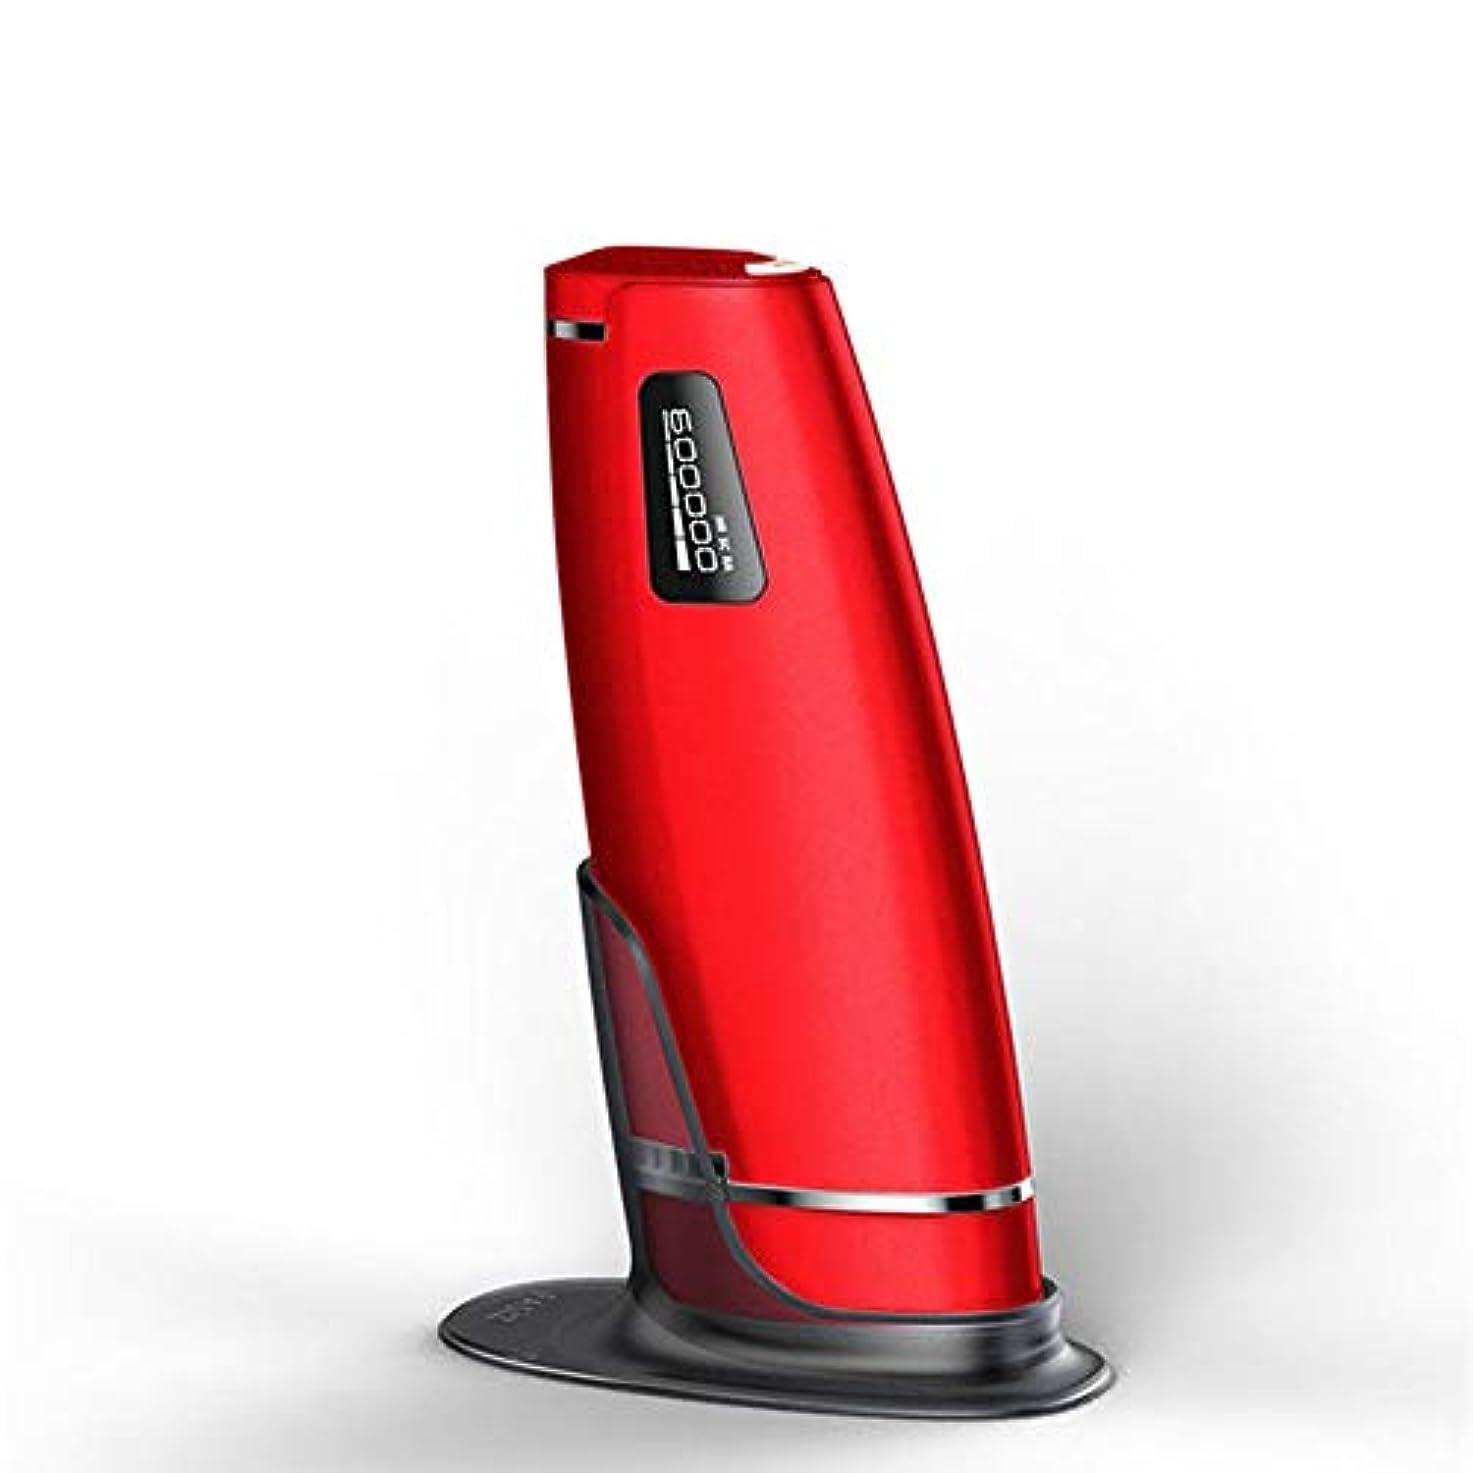 シュガー場所ブロッサム赤、デュアルモード、ホームオートマチック無痛脱毛剤、携帯用永久脱毛剤、5スピード調整、サイズ20.5 X 4.5 X 7 Cm 安全性 (Color : Red)